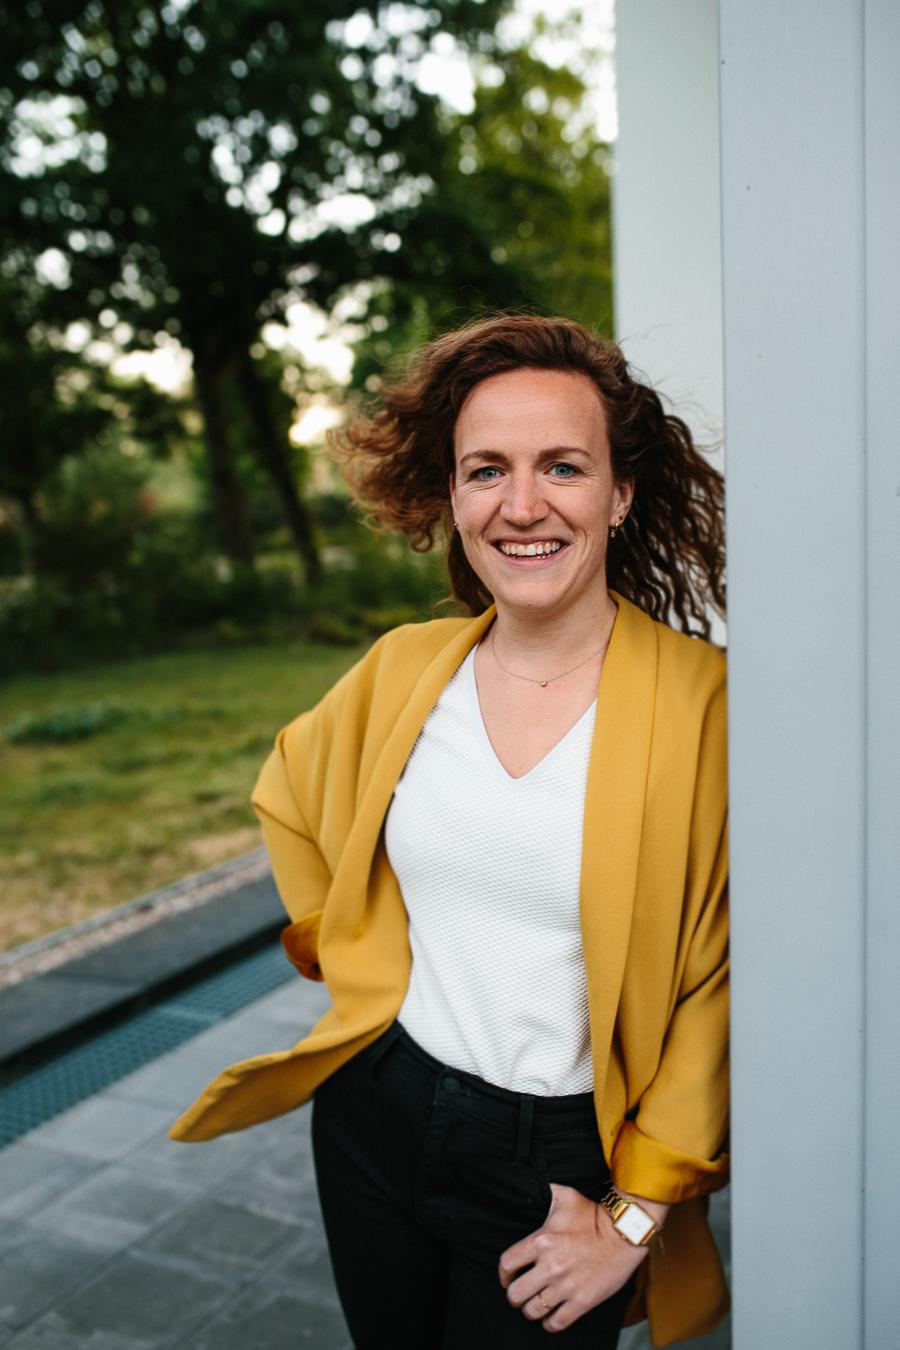 Zakelijk portret van vrouwelijke ondernemer fotoshoot in Apeldoorn